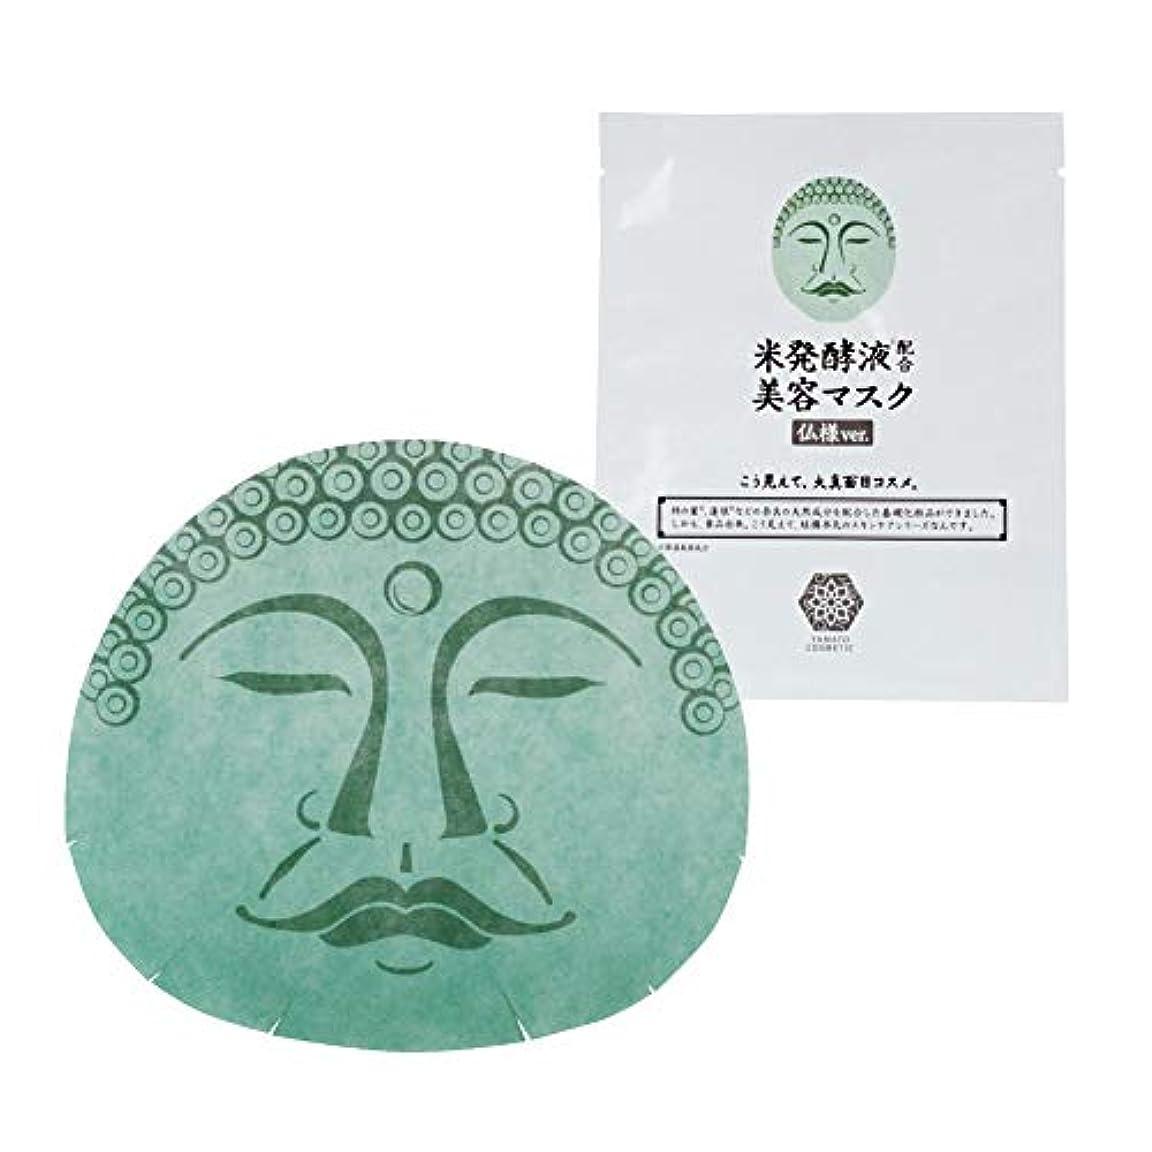 トレッド素晴らしい良い多くのメンタルやまとコスメティック 美容液マスク 25mL 1枚 仏様 仏様パック